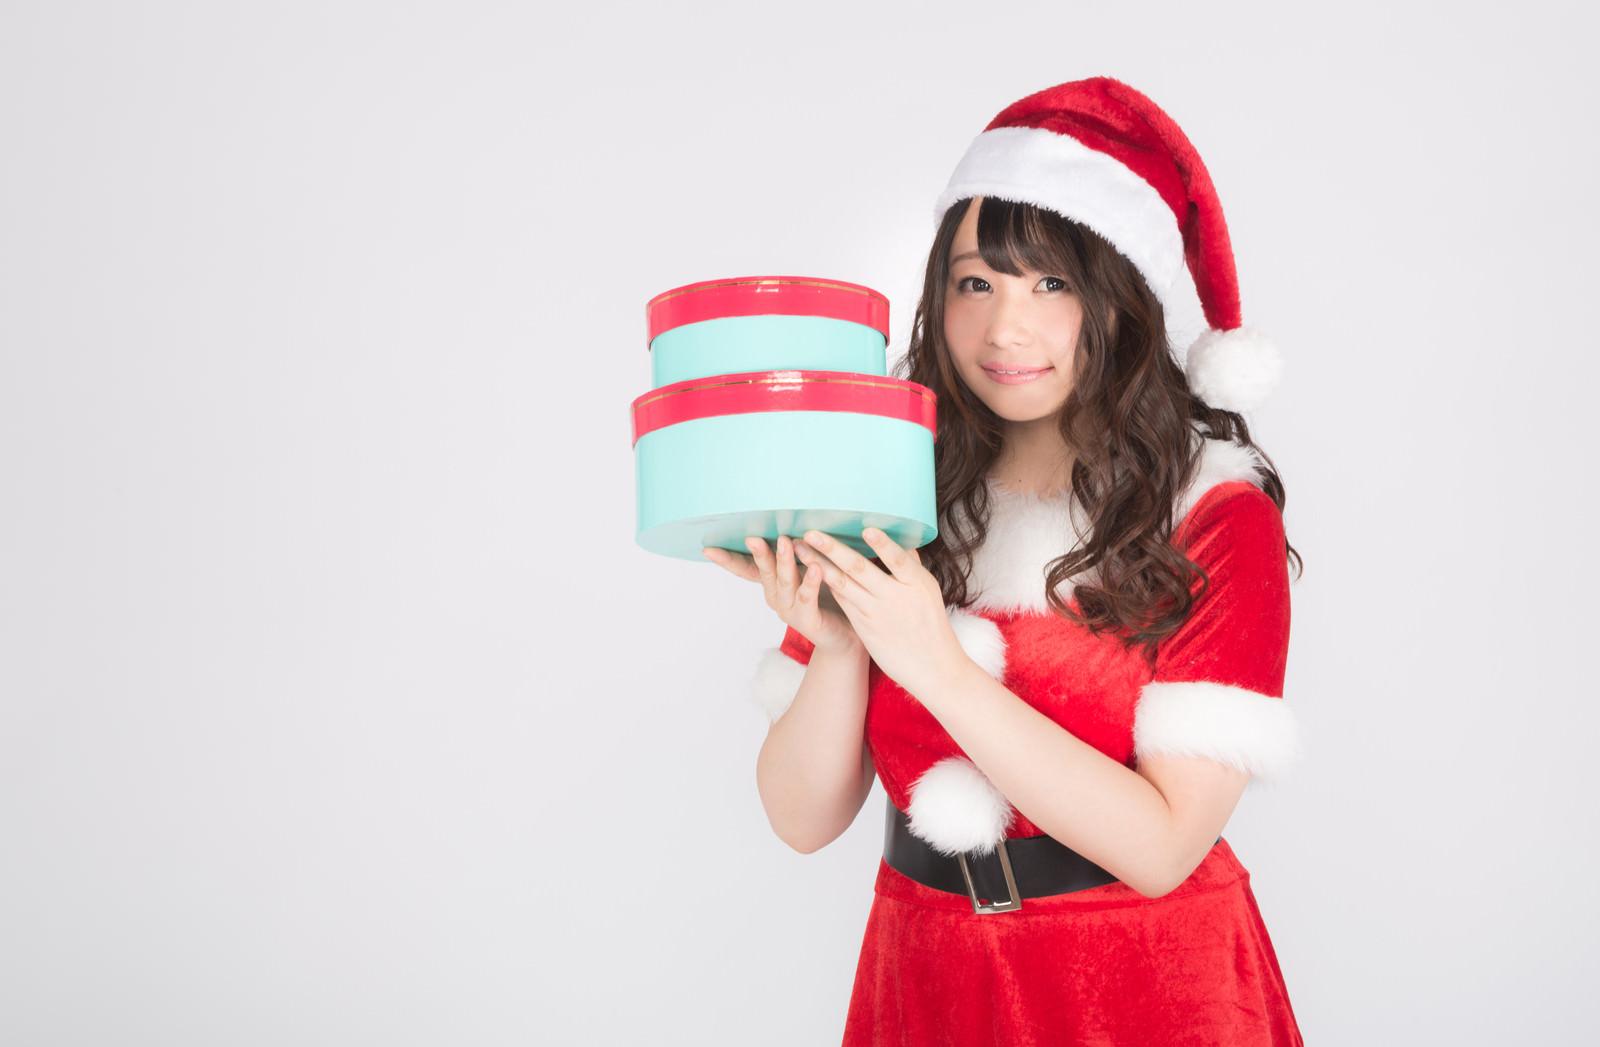 「クリスマスのプレゼントお持ちしました」の写真[モデル:茜さや]